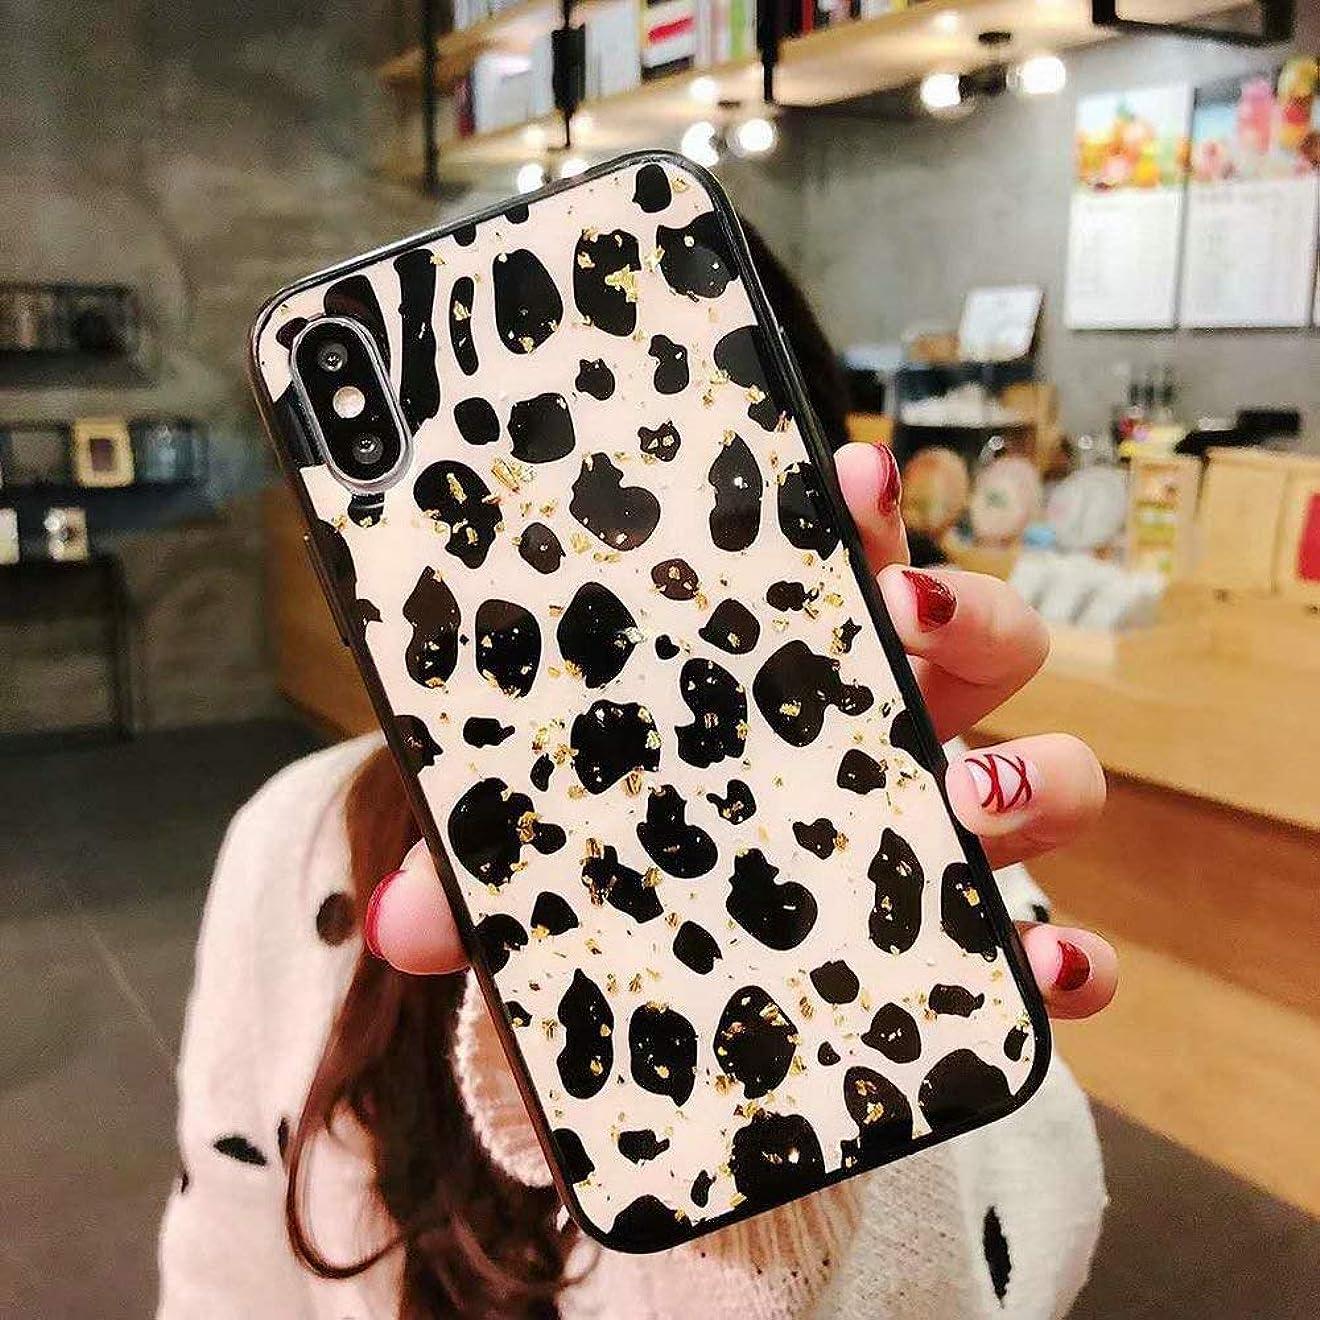 しないでください費やす選択iPhone ケース レディース メンズ 携帯ケース iPhone7/8/7Plus/8Plus,iPhone X/XR,iPhoneXS/XS MAX (iPhone7 Plus ケース)